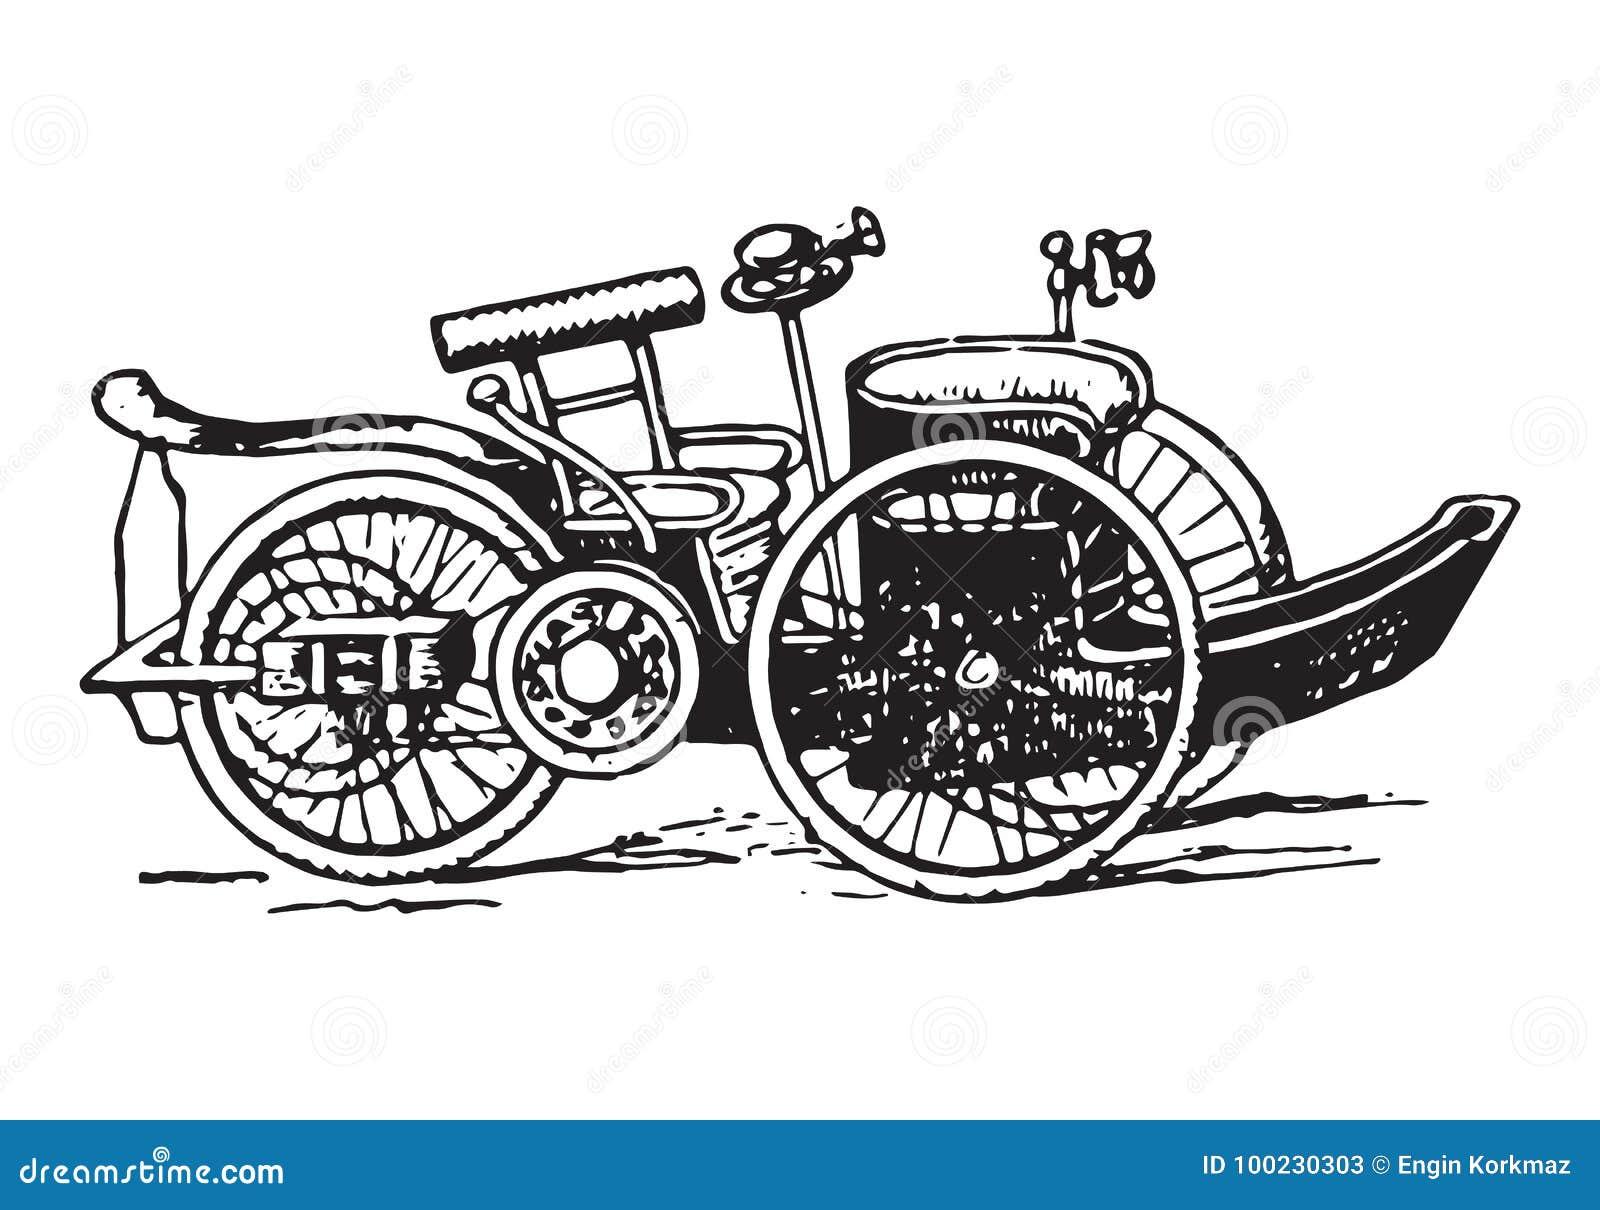 Voiturette car stock vector. Illustration of design - 100230303